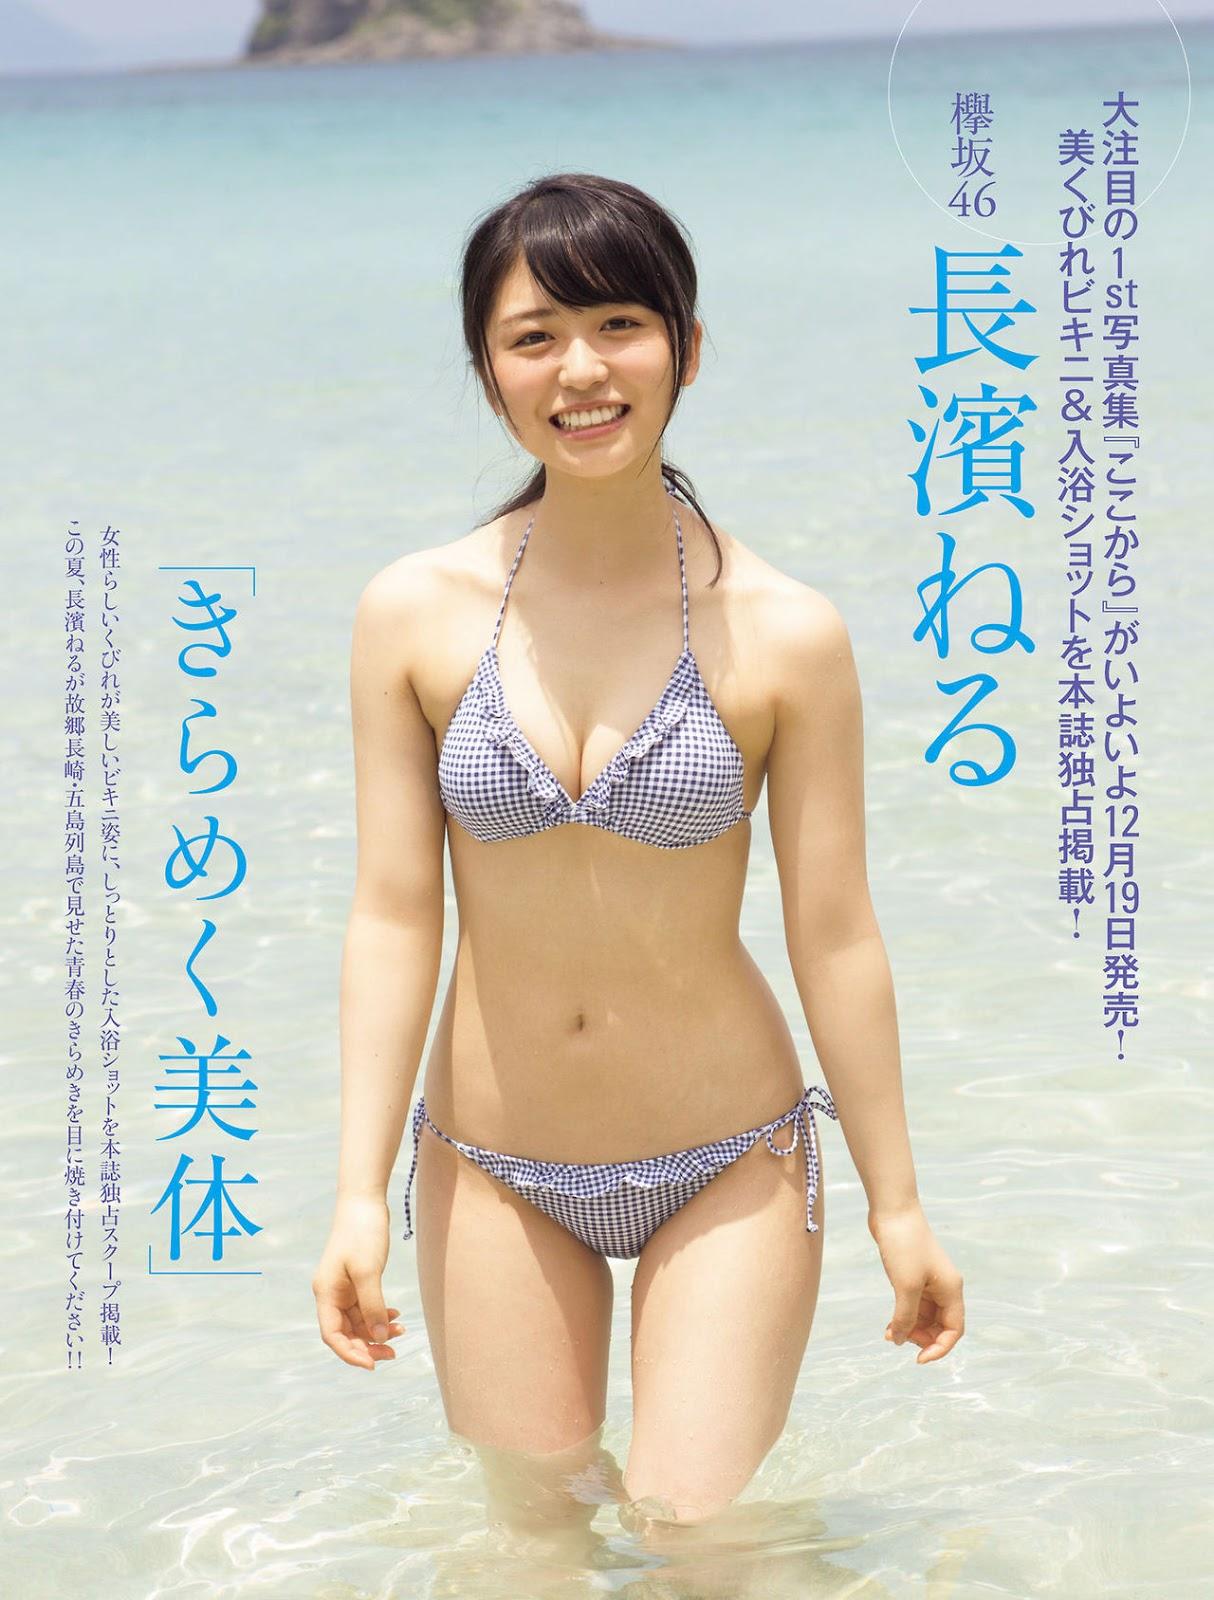 Nagahama Neru 長濱ねる, FRIDAY 2017.12.29 (フライデー 2017年12月29日号)